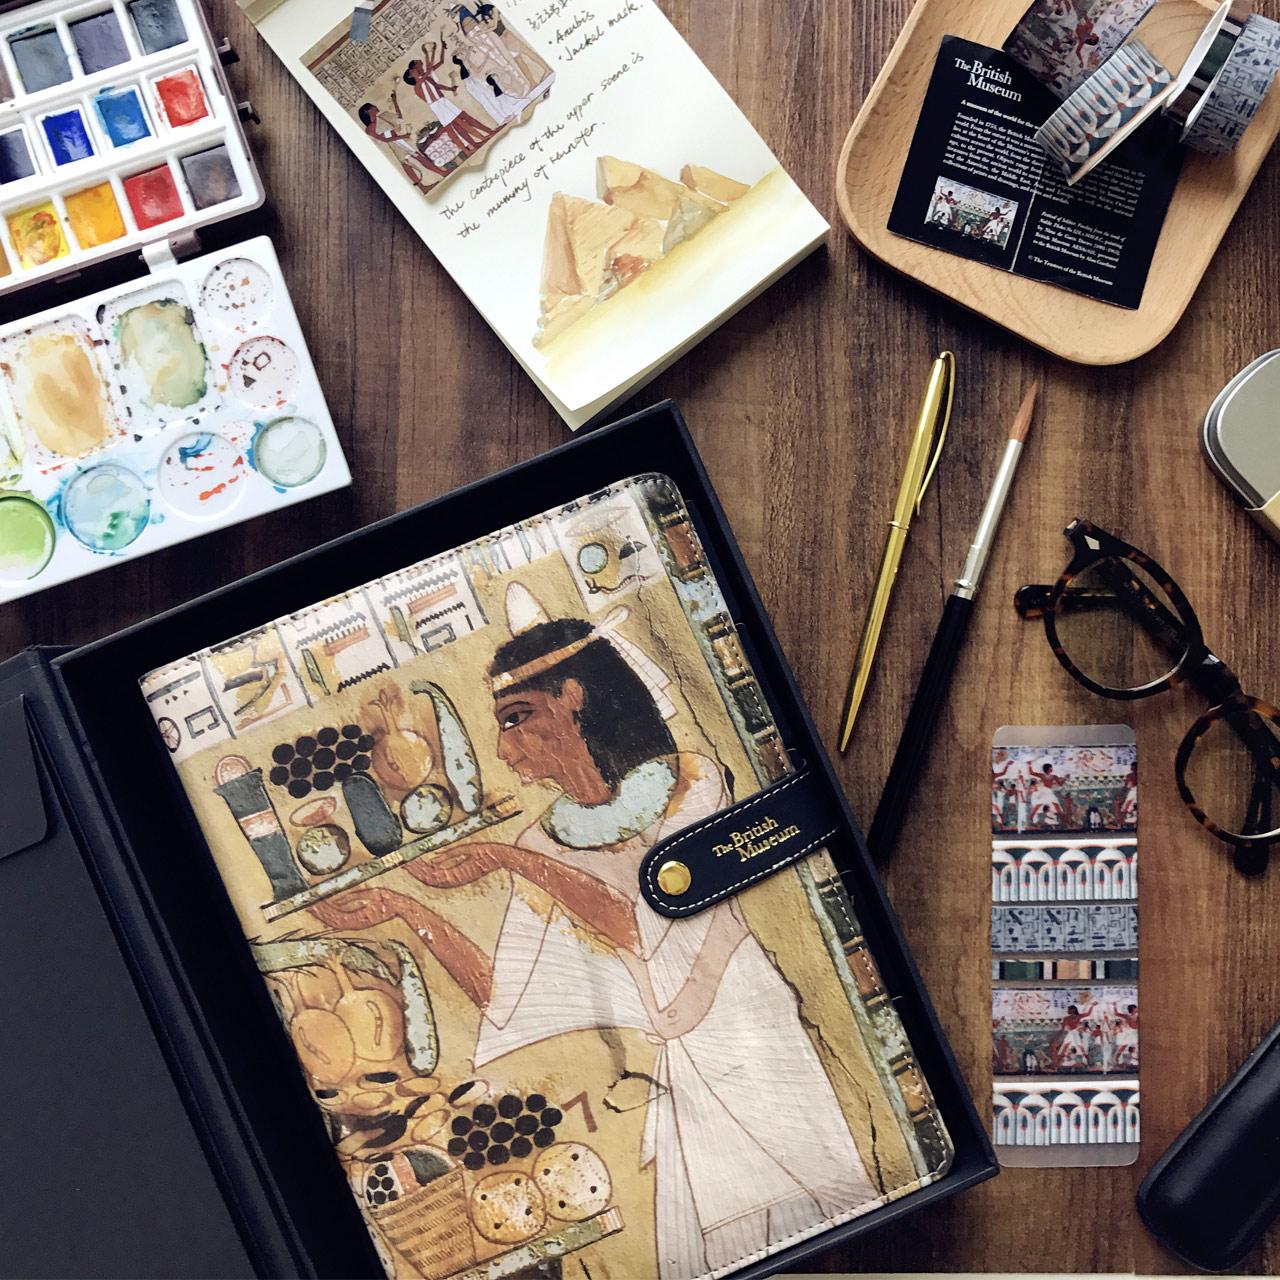 Утро канцтовары с отрывными листами этот костюм большой английский богатые вещь дом ноутбук таинственный египет серия HAPY0221 бесплатная доставка